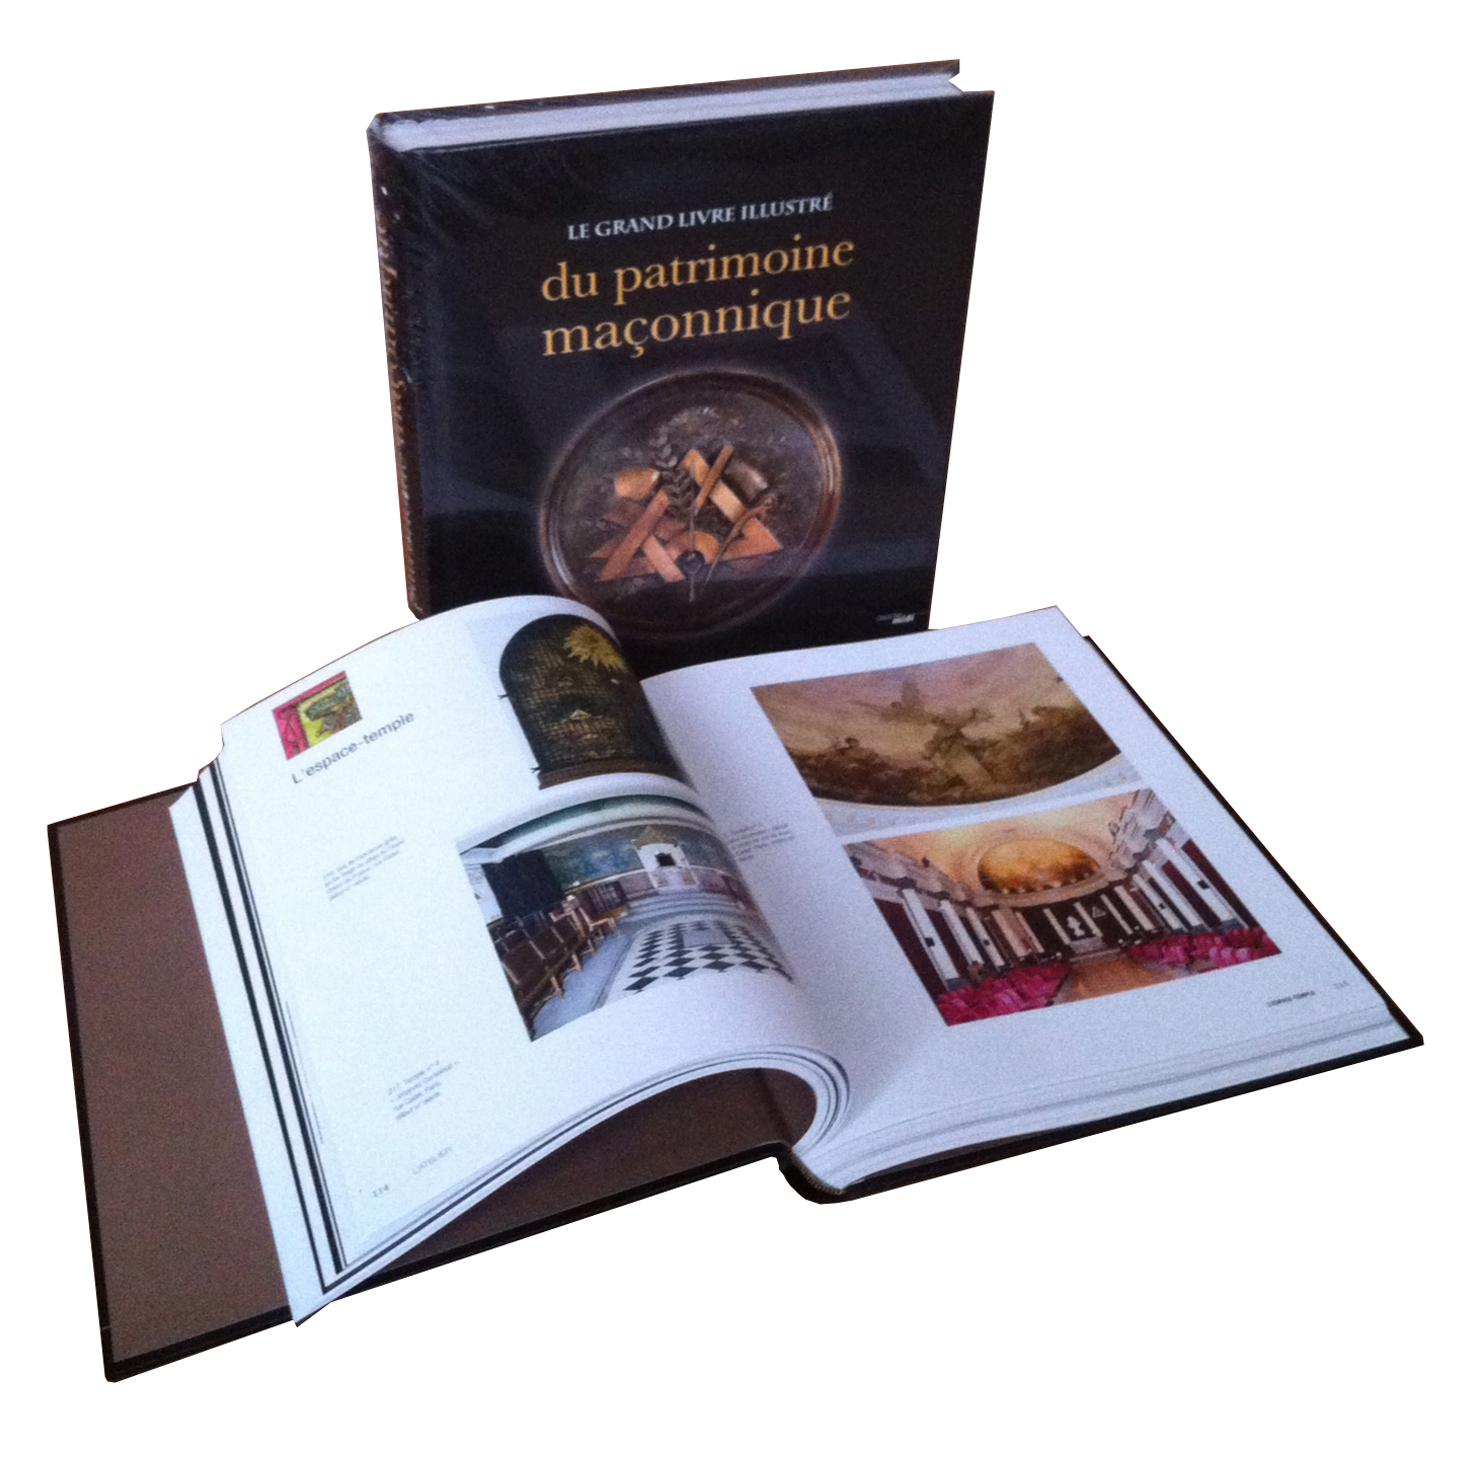 """-34% """" Grand Livre Illustré du Patrimoine Maçonnique """" 39€ au lieu de 59€ + colissimo 9€"""